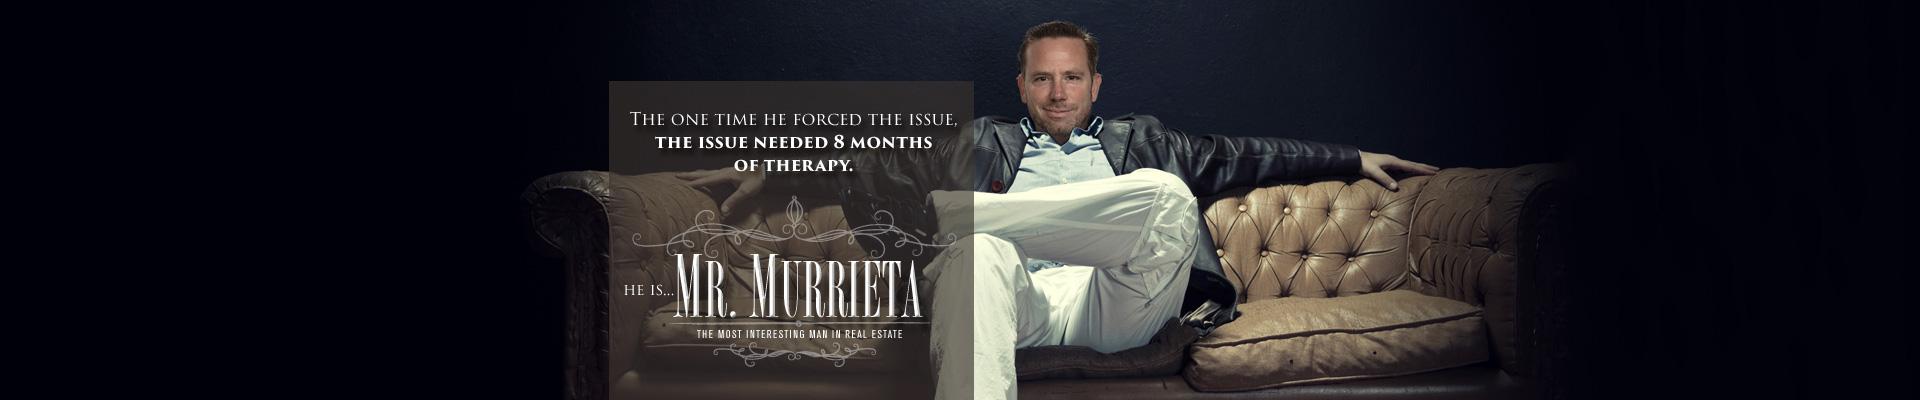 MrMurrietaSlider6